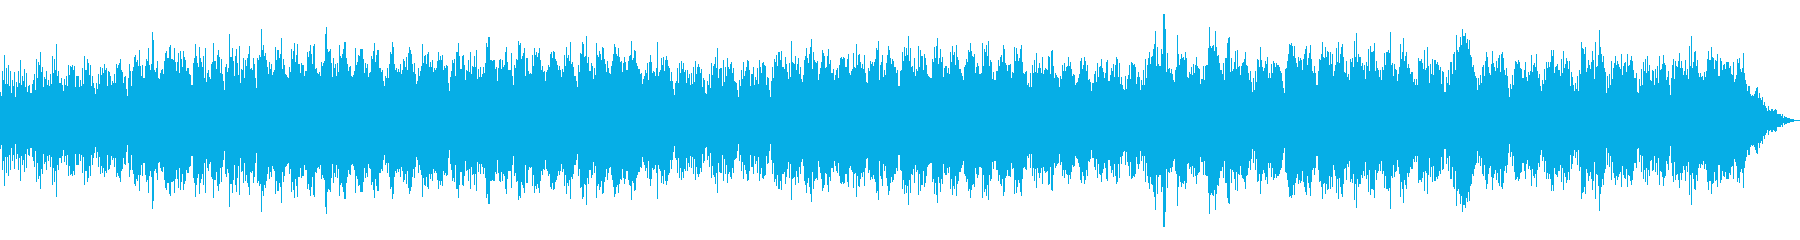 瞑想やヨガ、睡眠誘導のための音楽 01の再生済みの波形